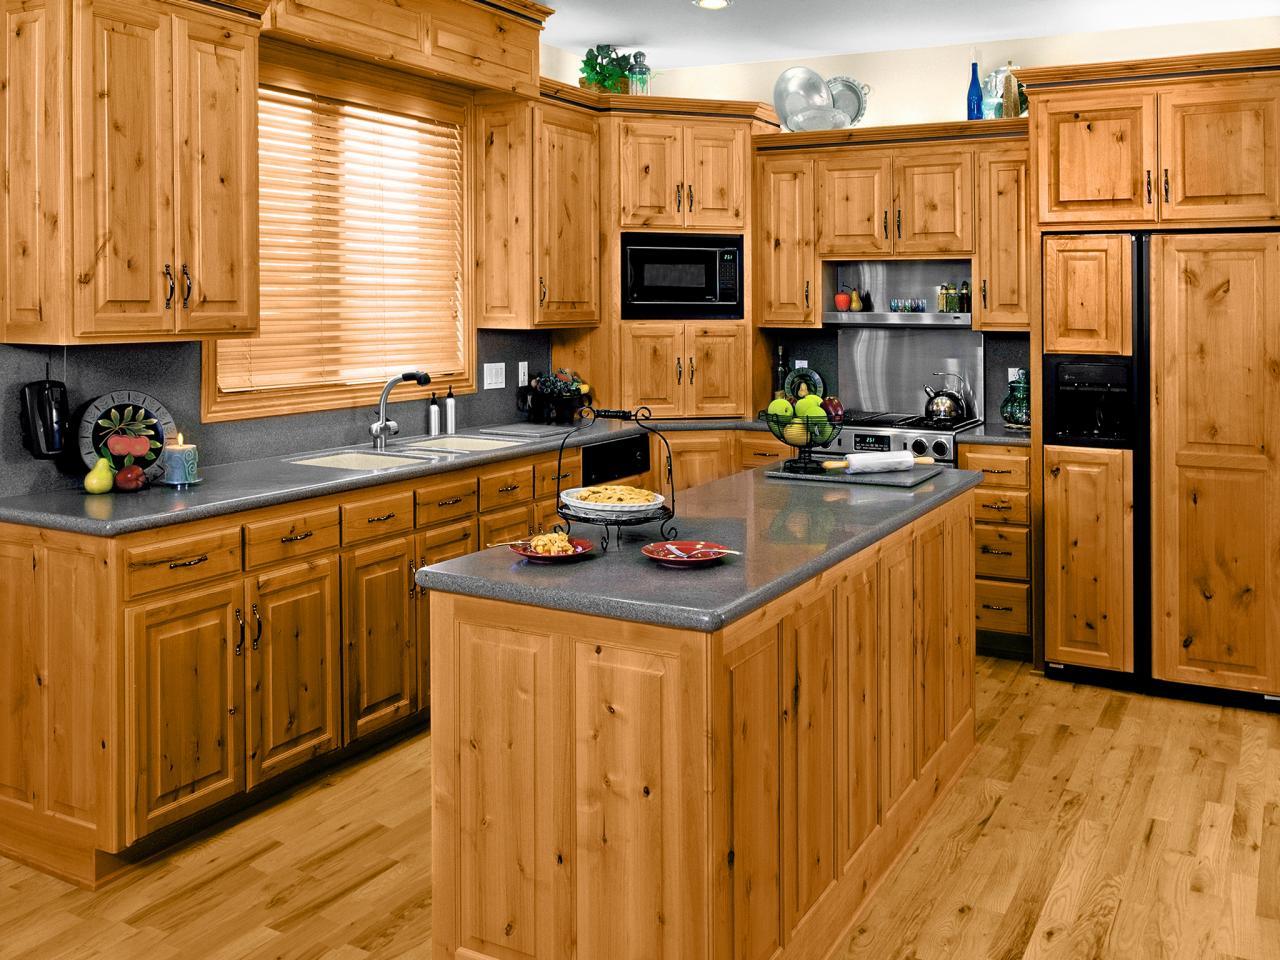 صور صور دواليب مطبخ , اشيك دواليب للمطبخ